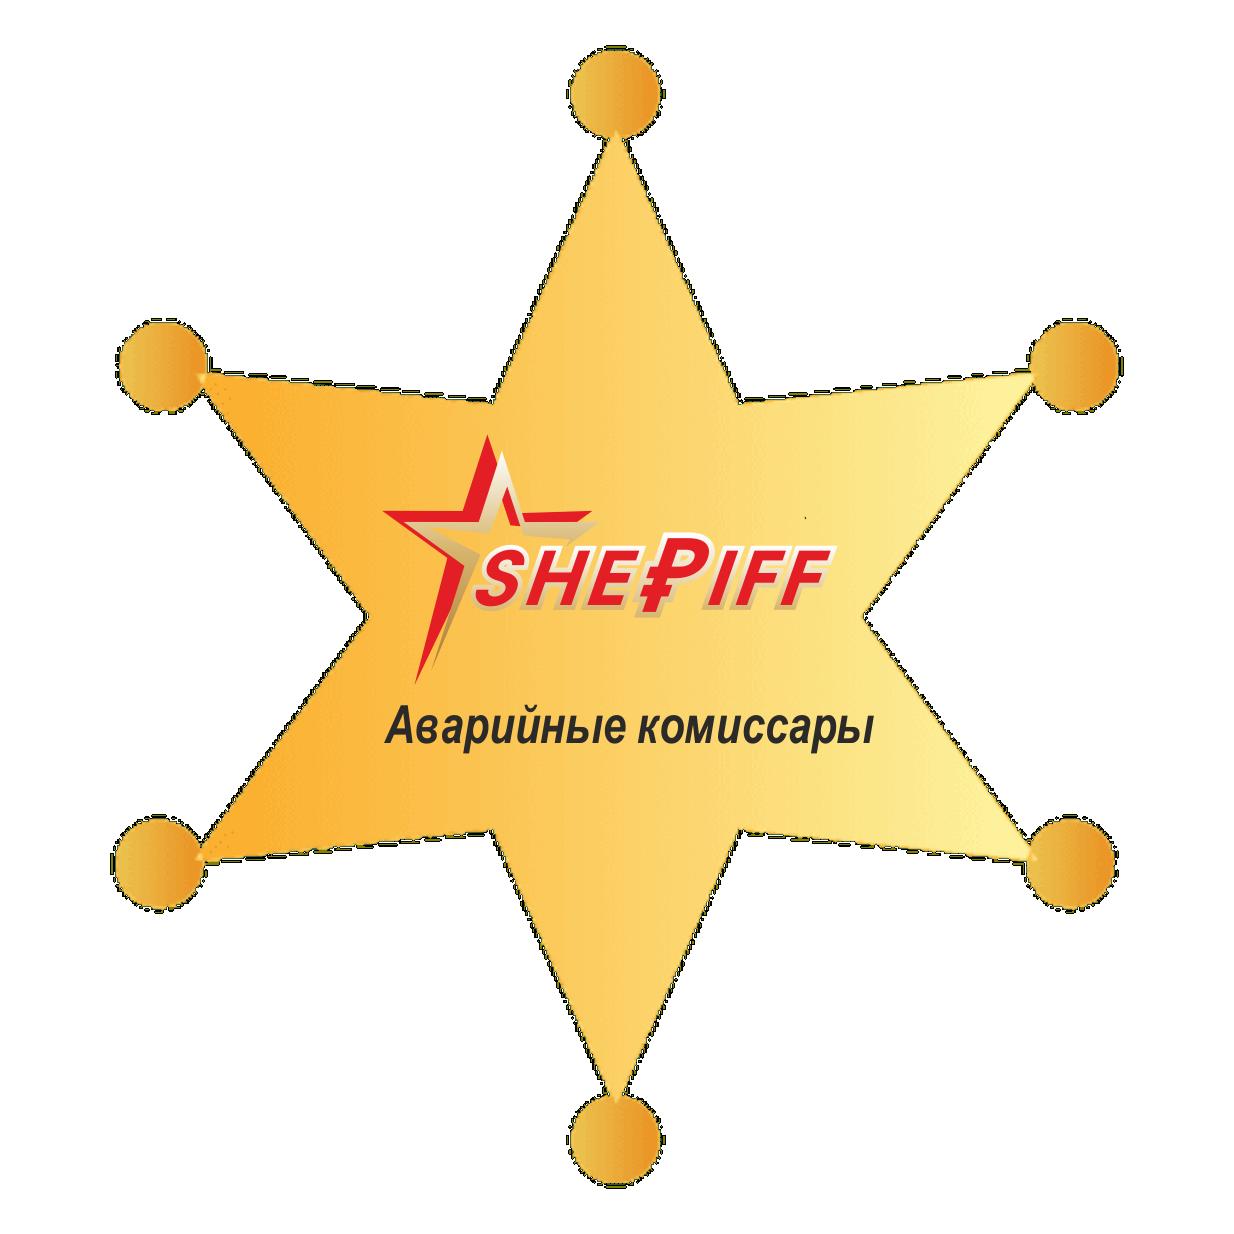 логотип компании Аварийные комиссары \»SHERIFF\»